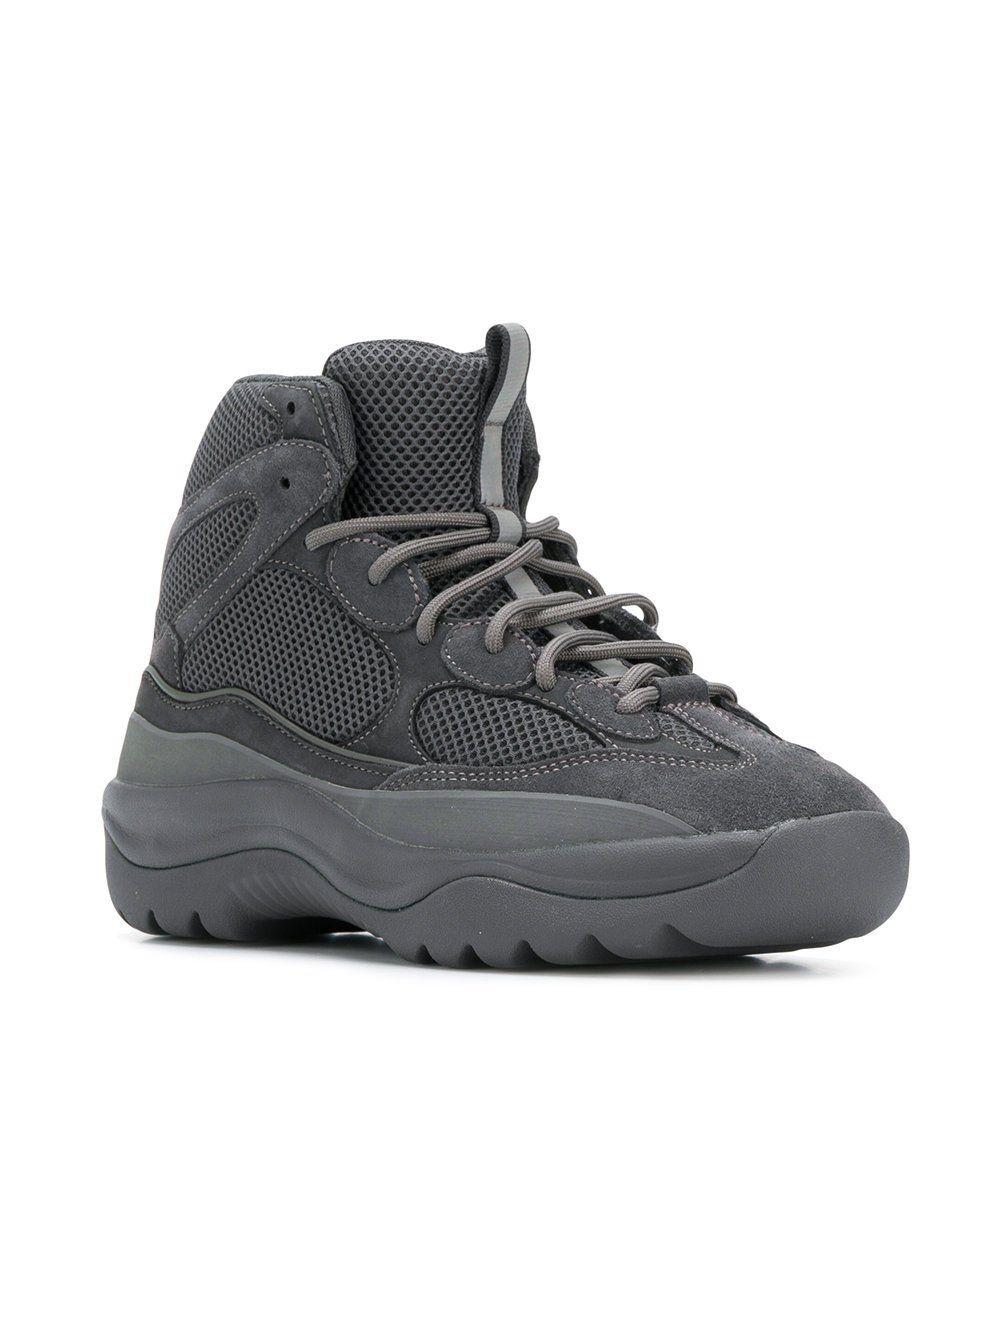 b228ee93e65  410.00 USD Desert Boot Graphite Men s Graphite desert boot in thick suede